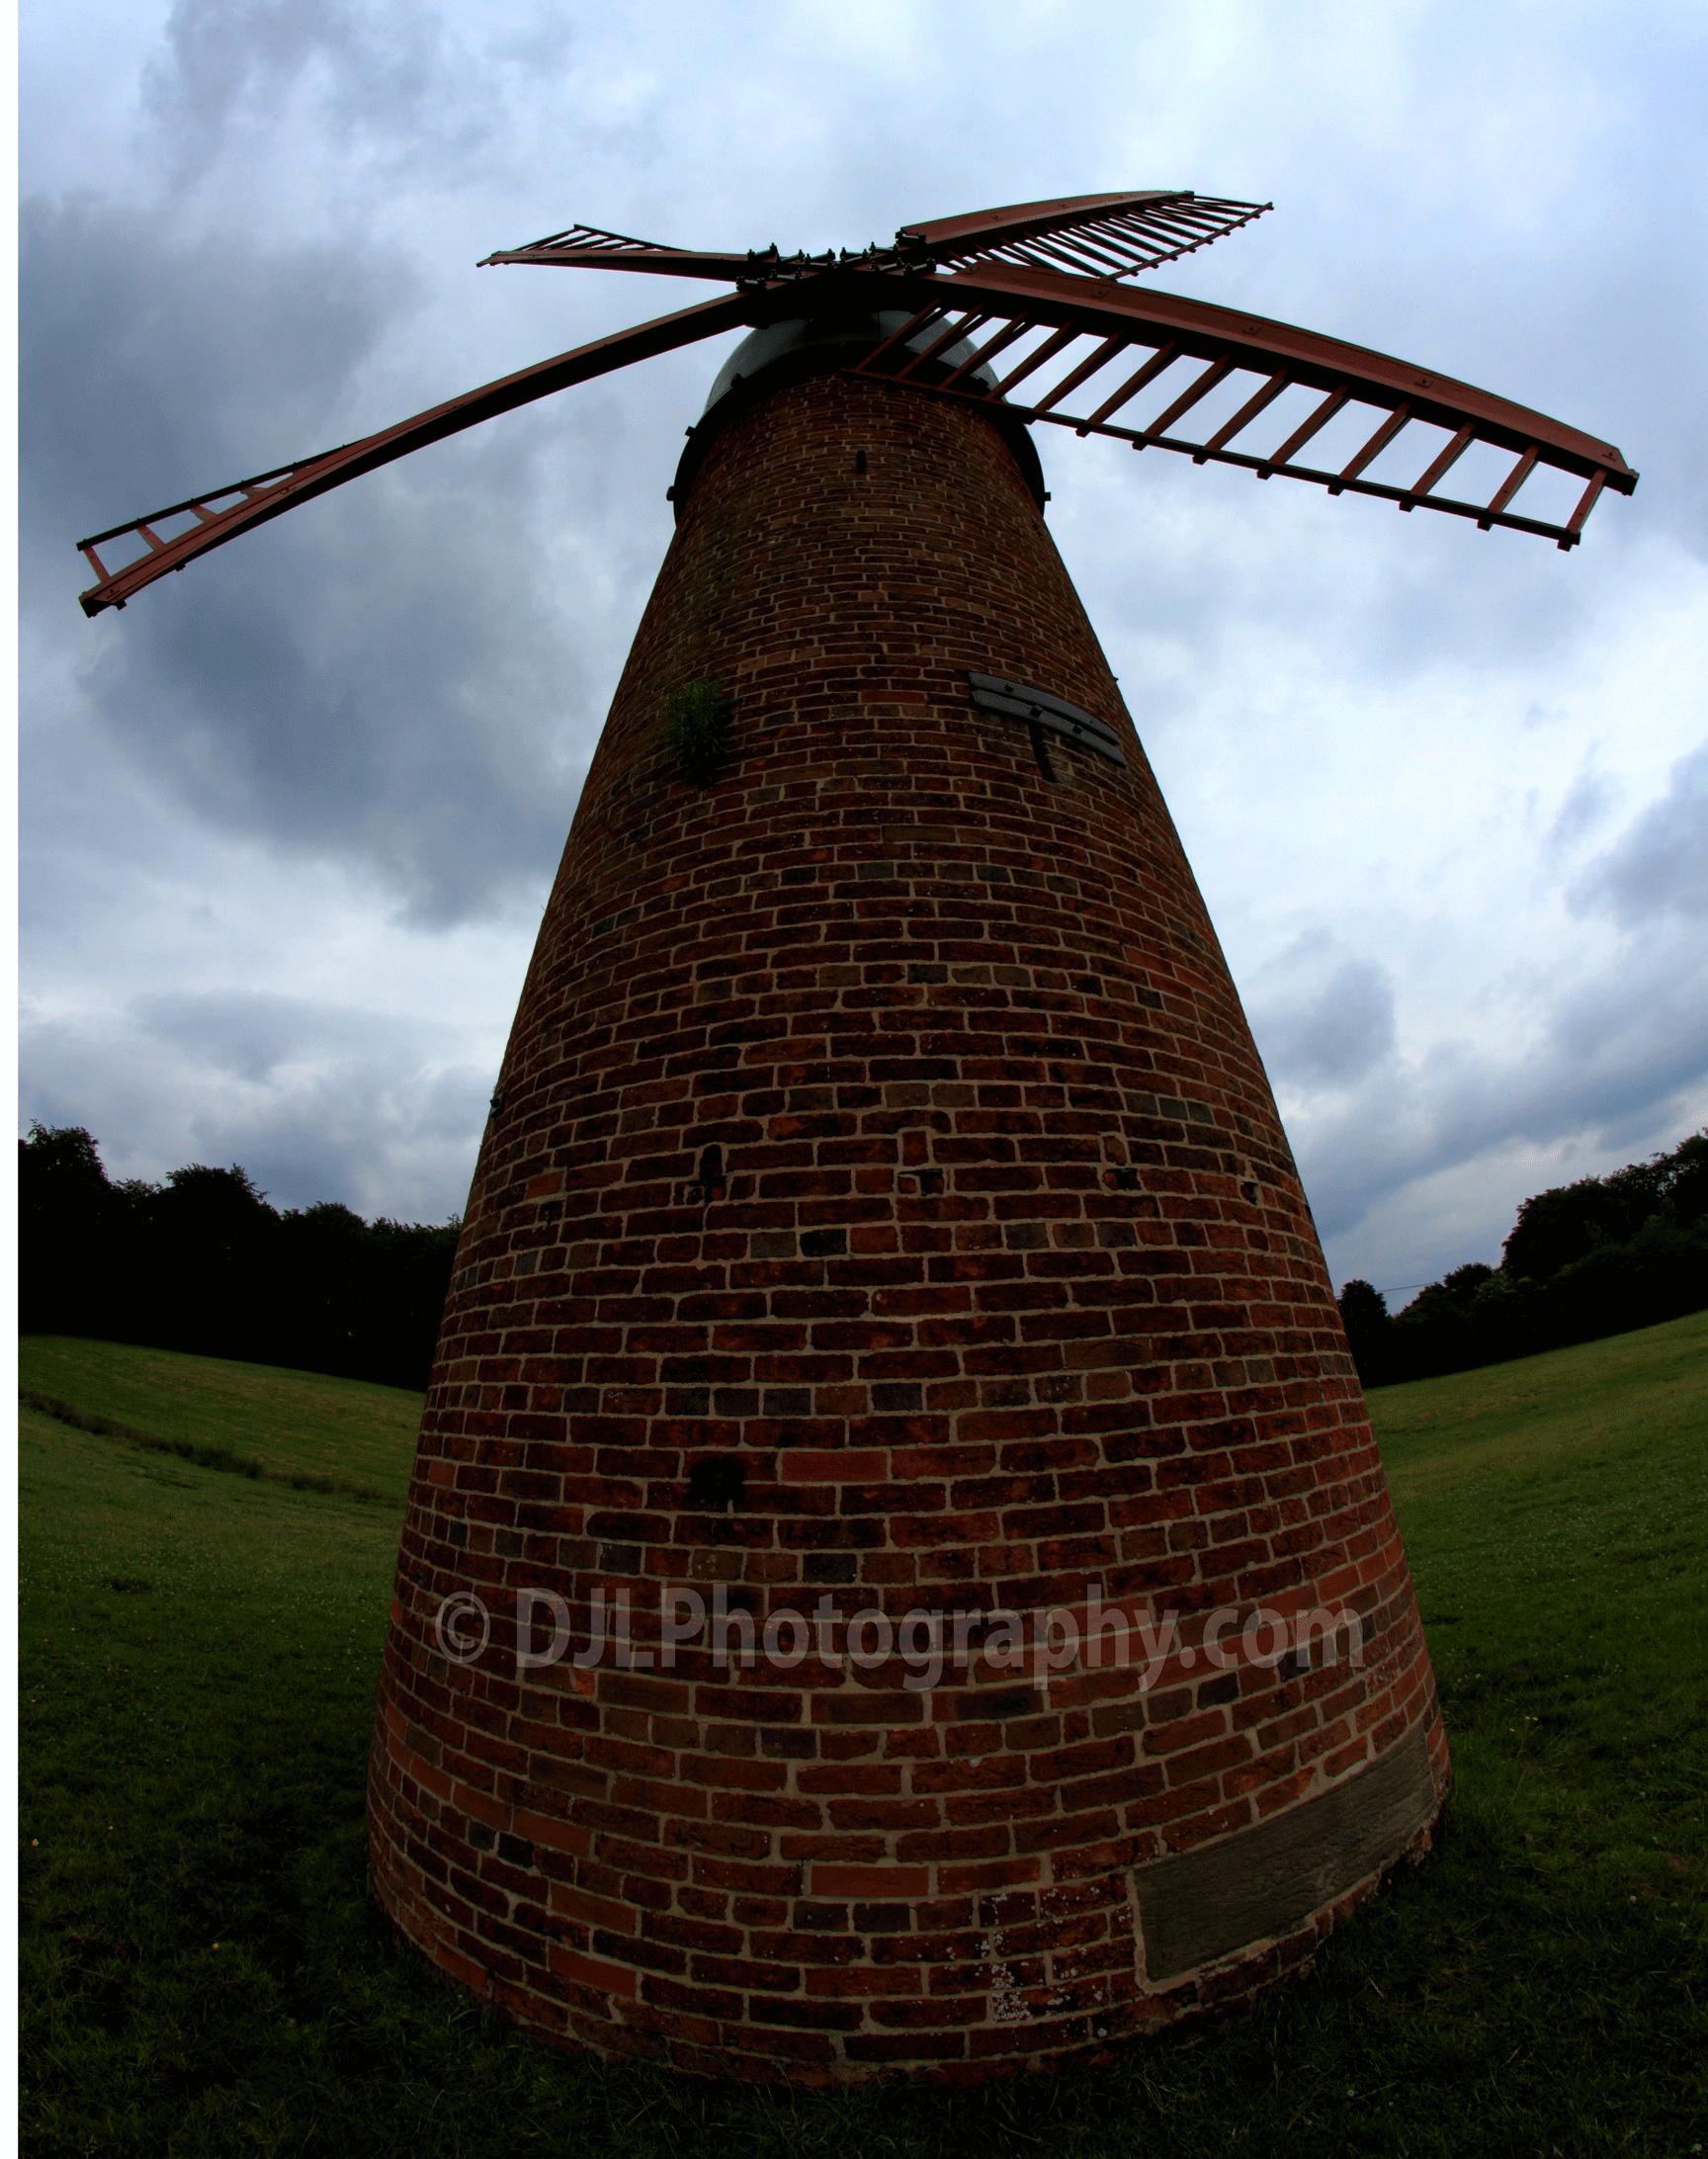 The Wigan Windmill